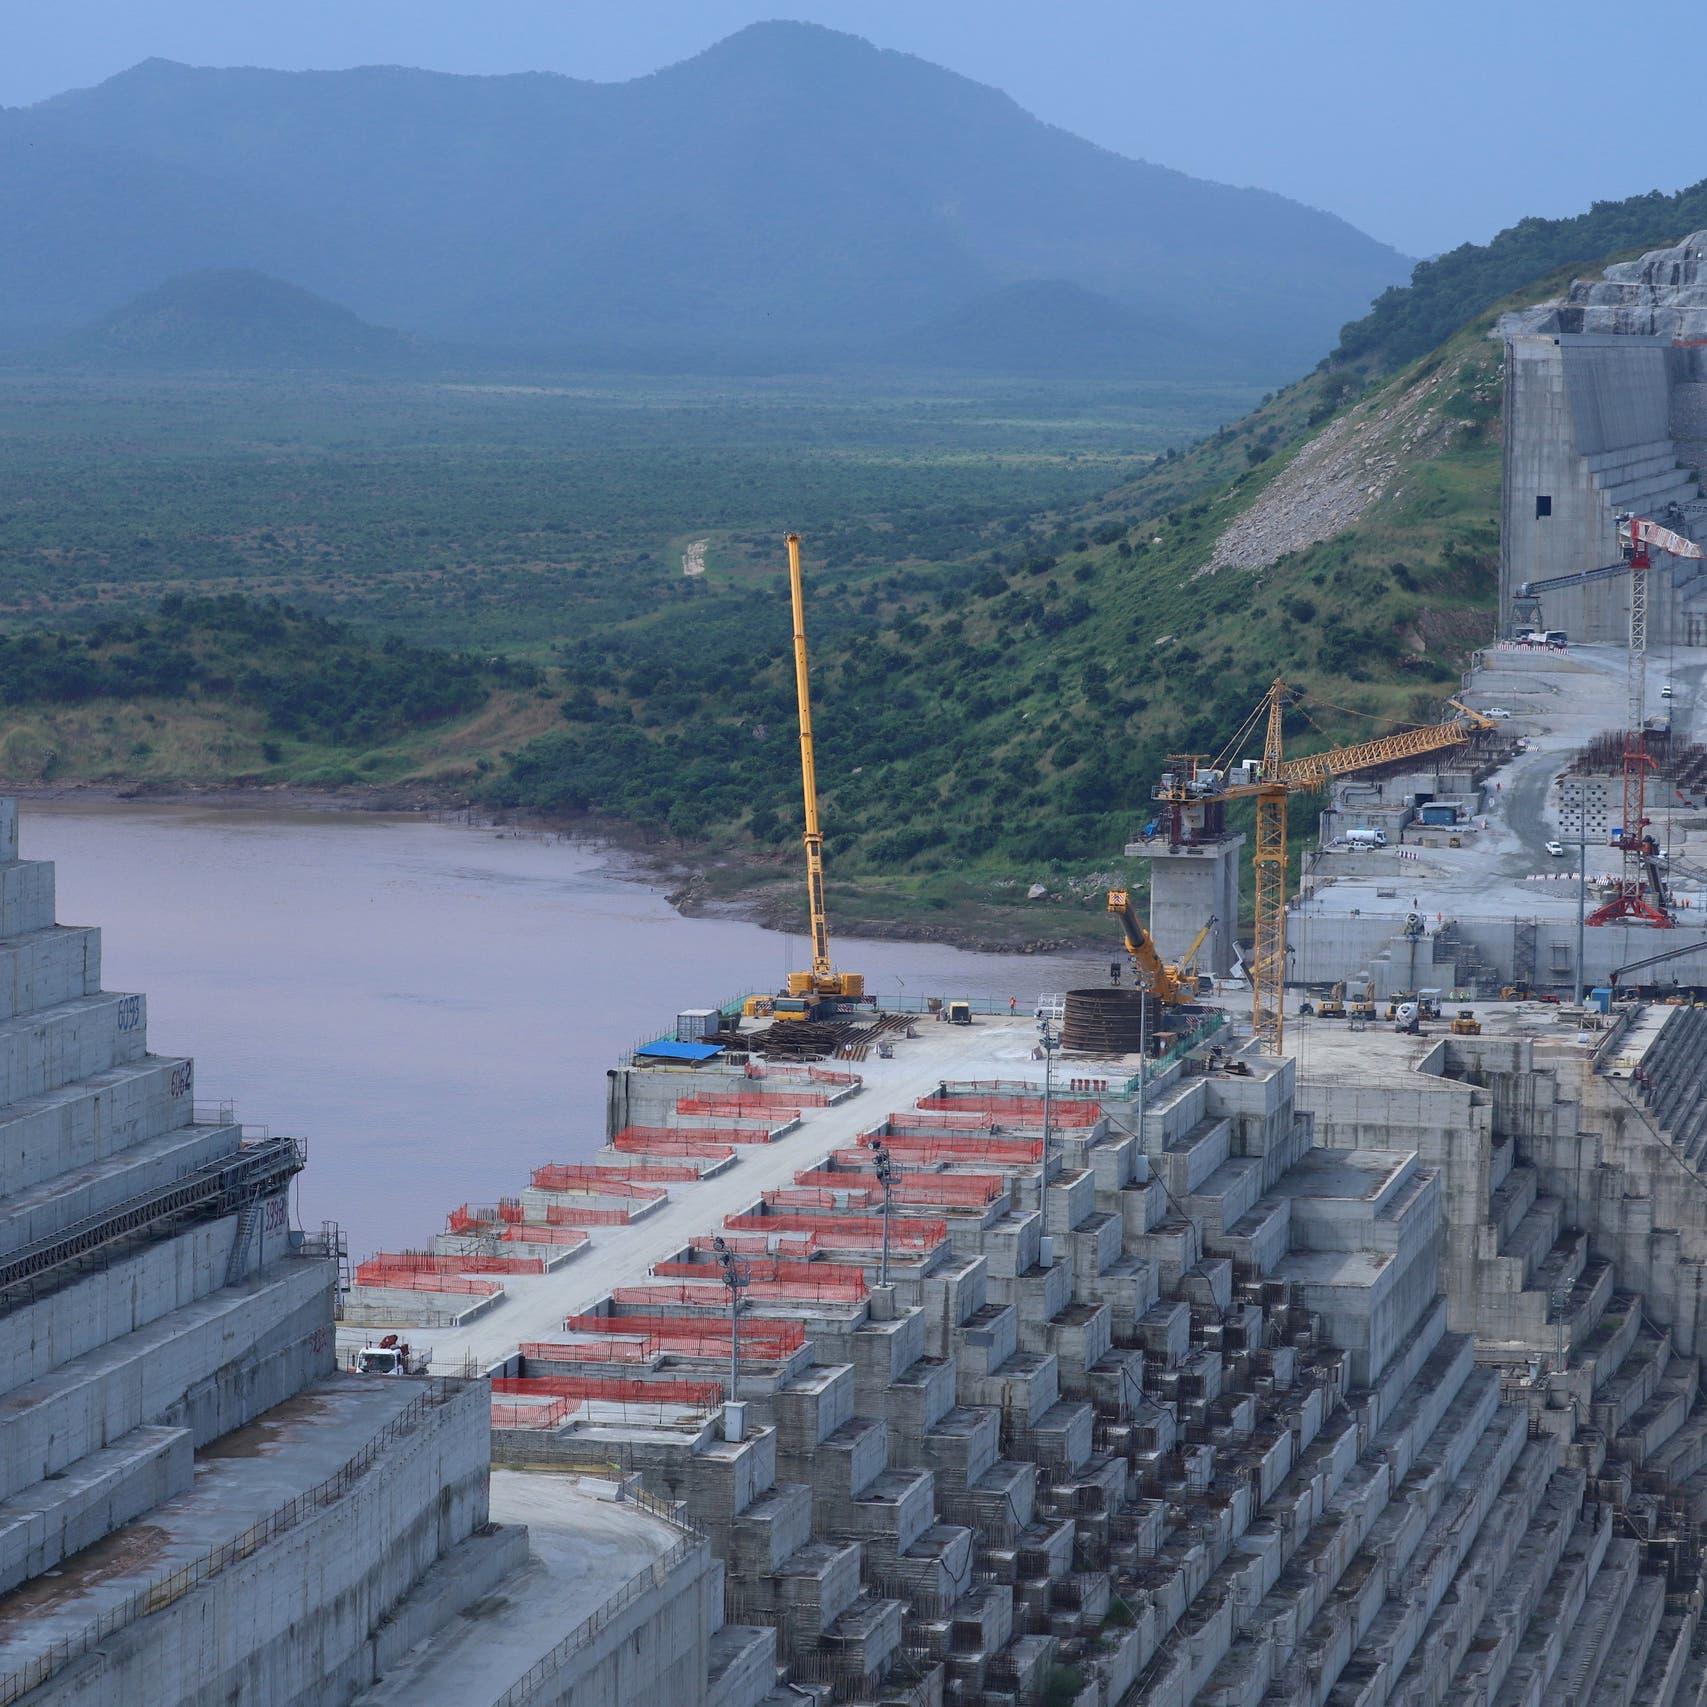 إثيوبيا: نرفض محاولة تونس تقديم مشروع قرار أممي حول سد النهضة